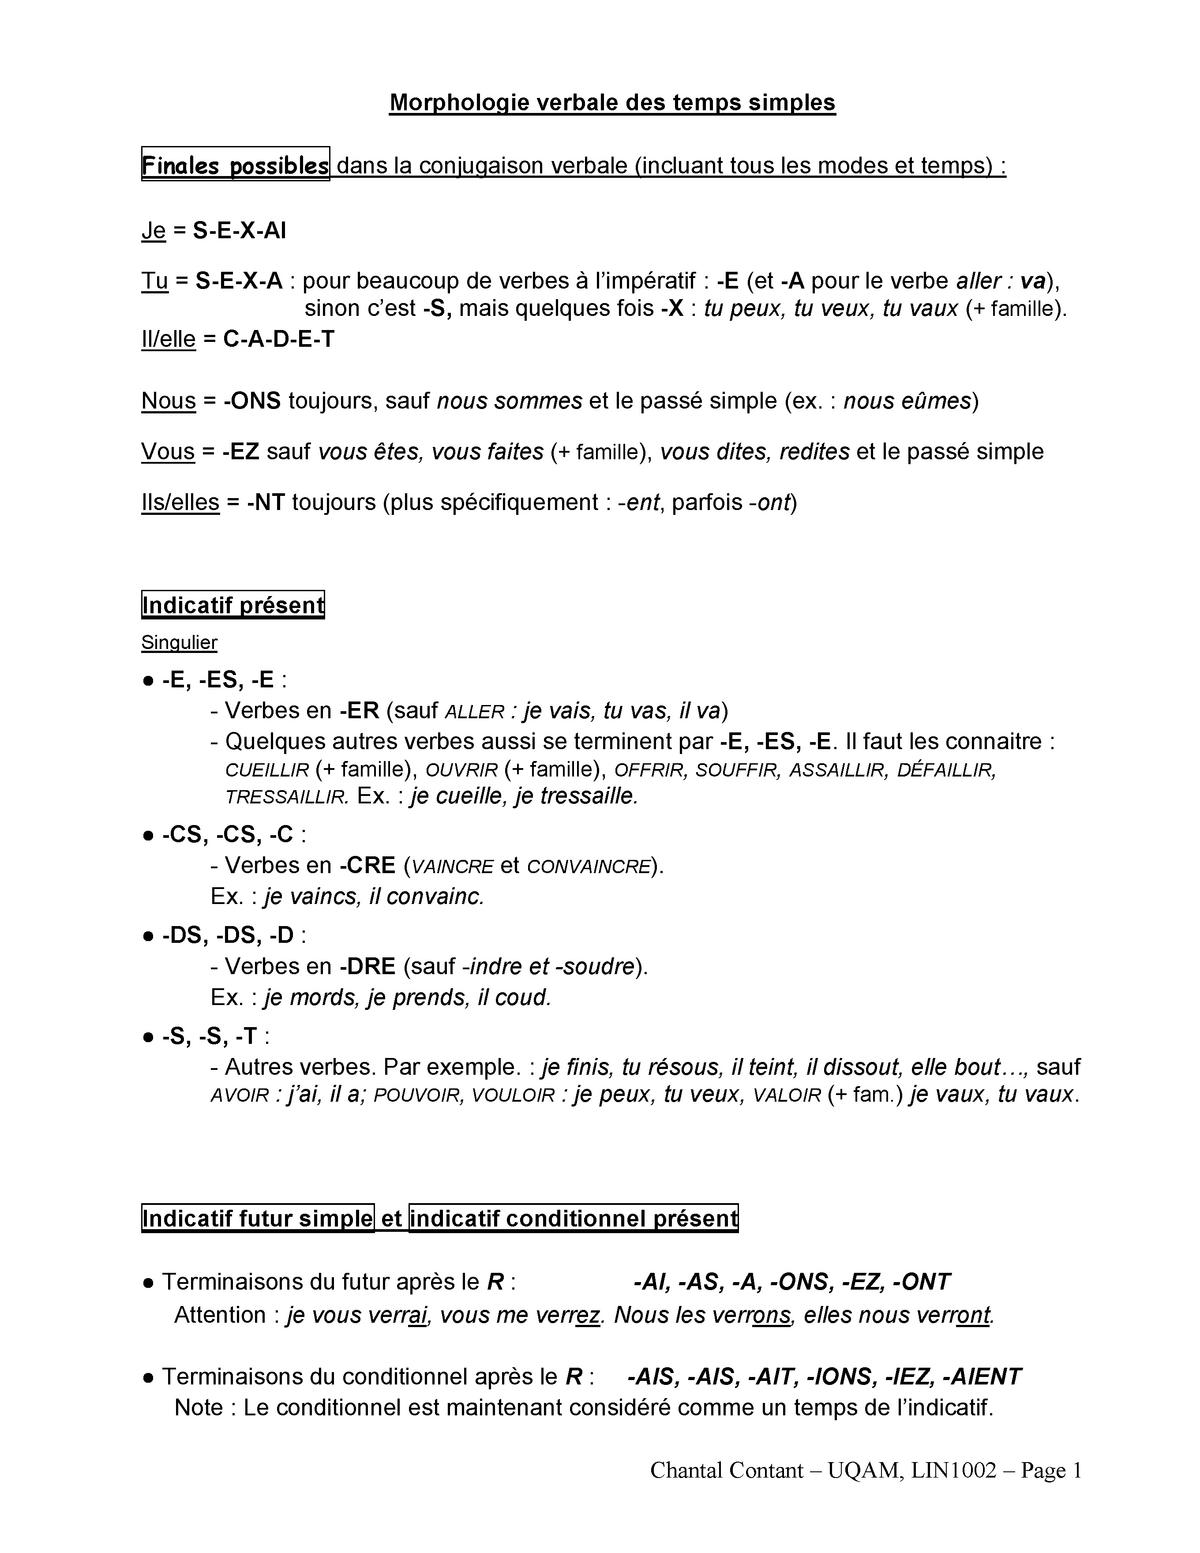 03 Morphologie Synthese Des Conjugaisons 1002 Studocu